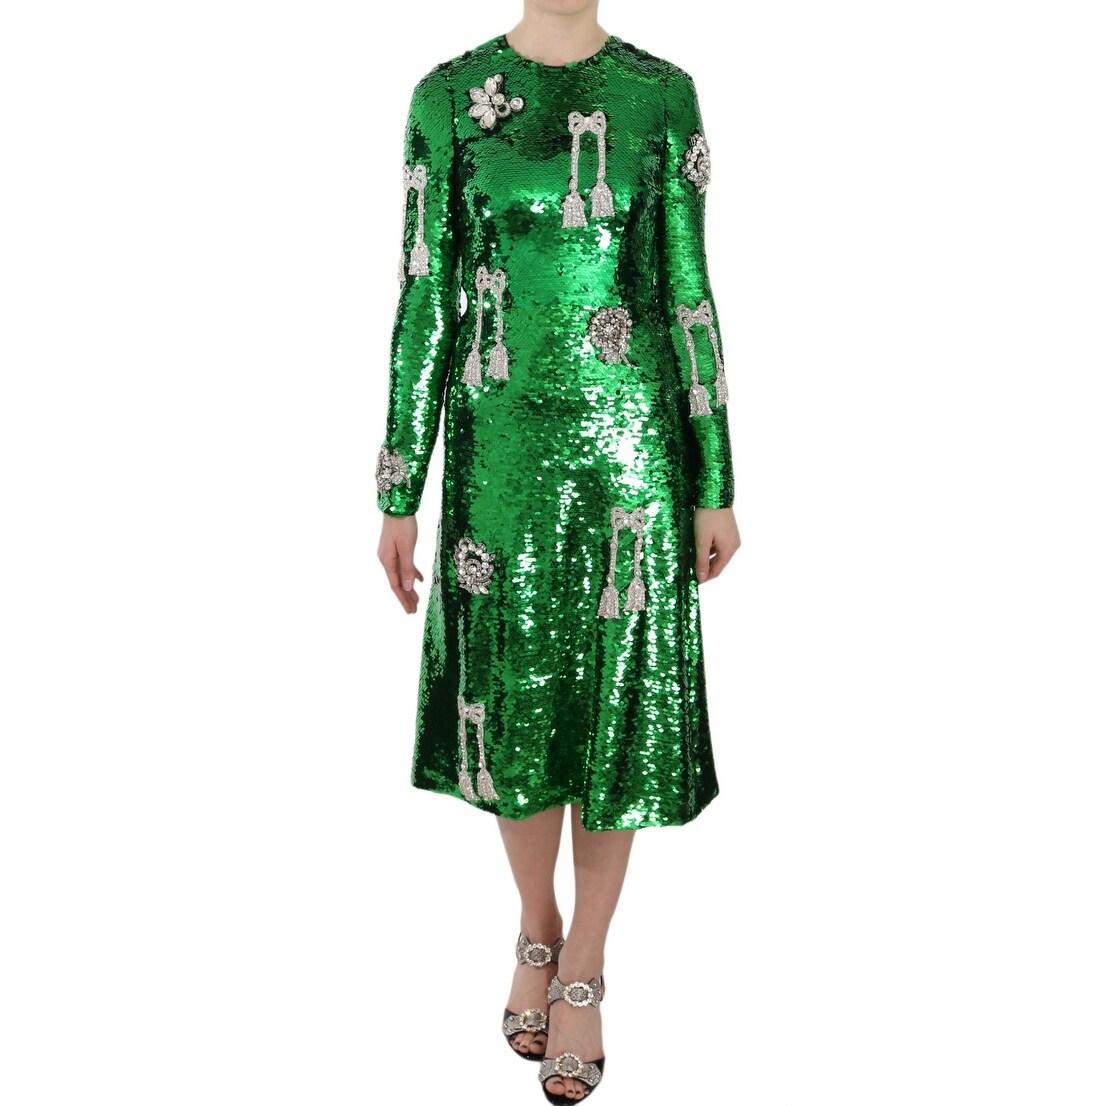 AUTHENTIC Sz 46 // 14 AUS Dolce /& Gabbana ShirtPink Stretch Gr8 condition